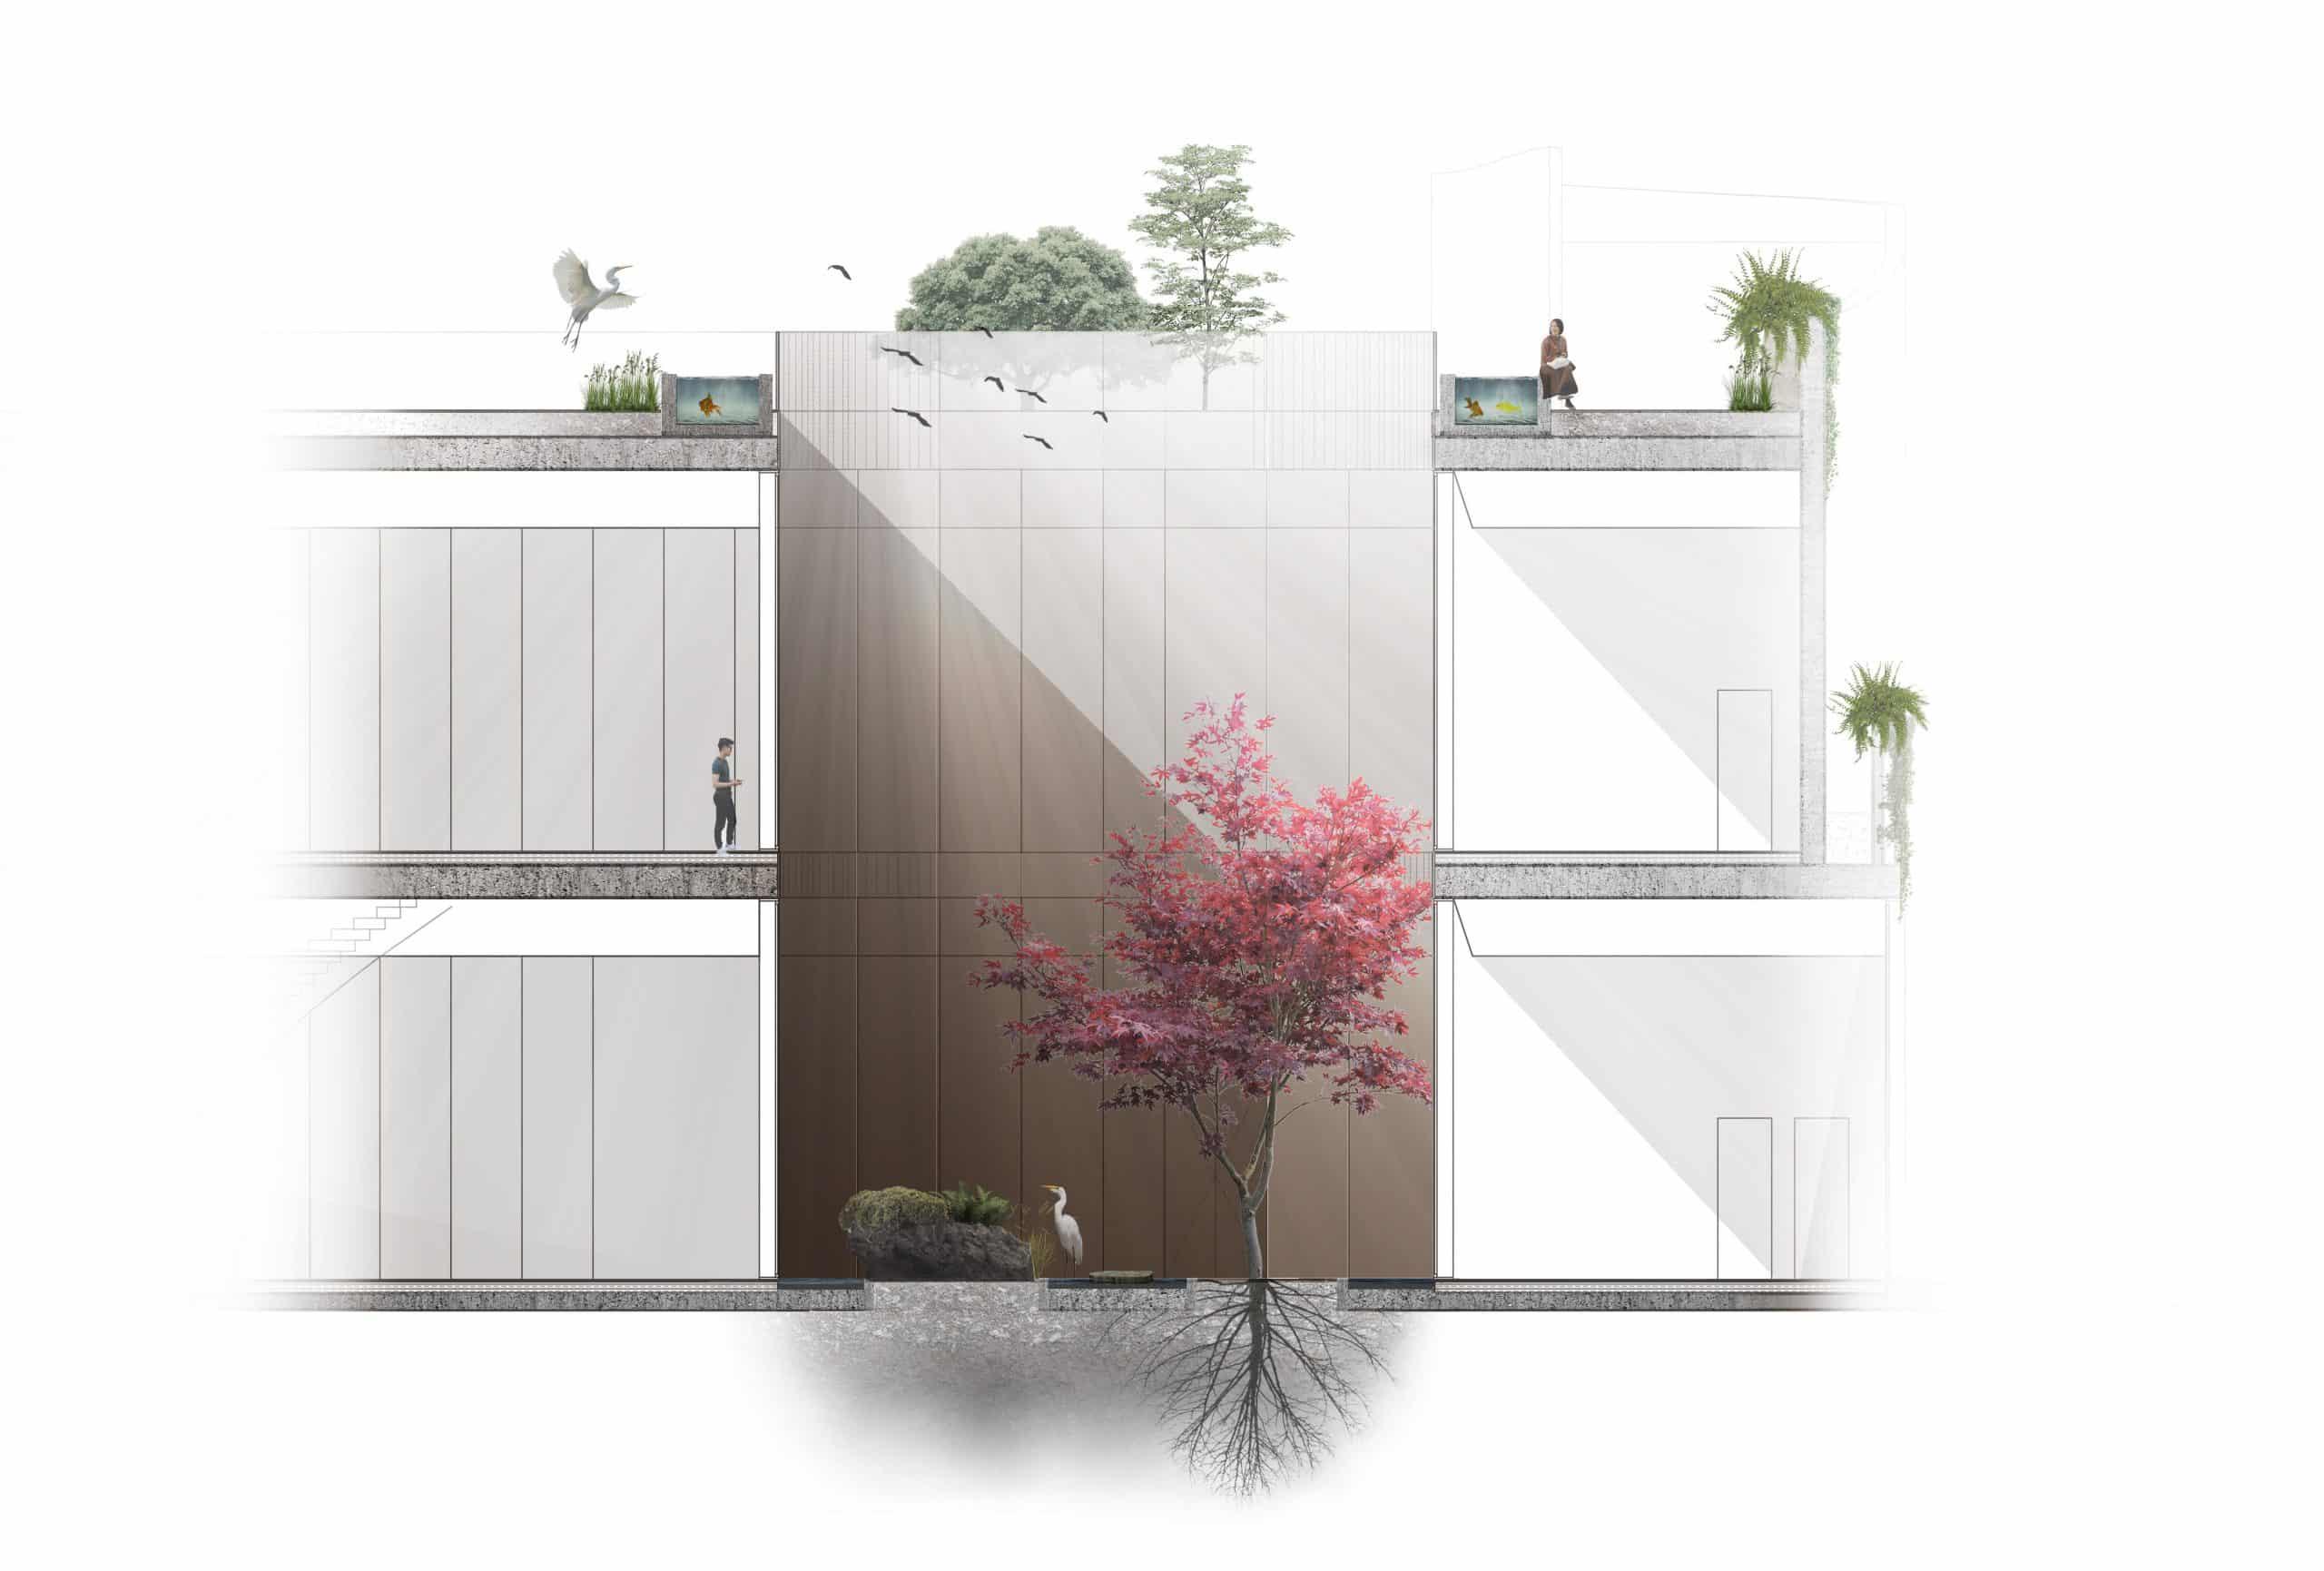 La arquitectura post pandemia pondrá en valor factores como la eficiencia energética y la calidad de los materiales.